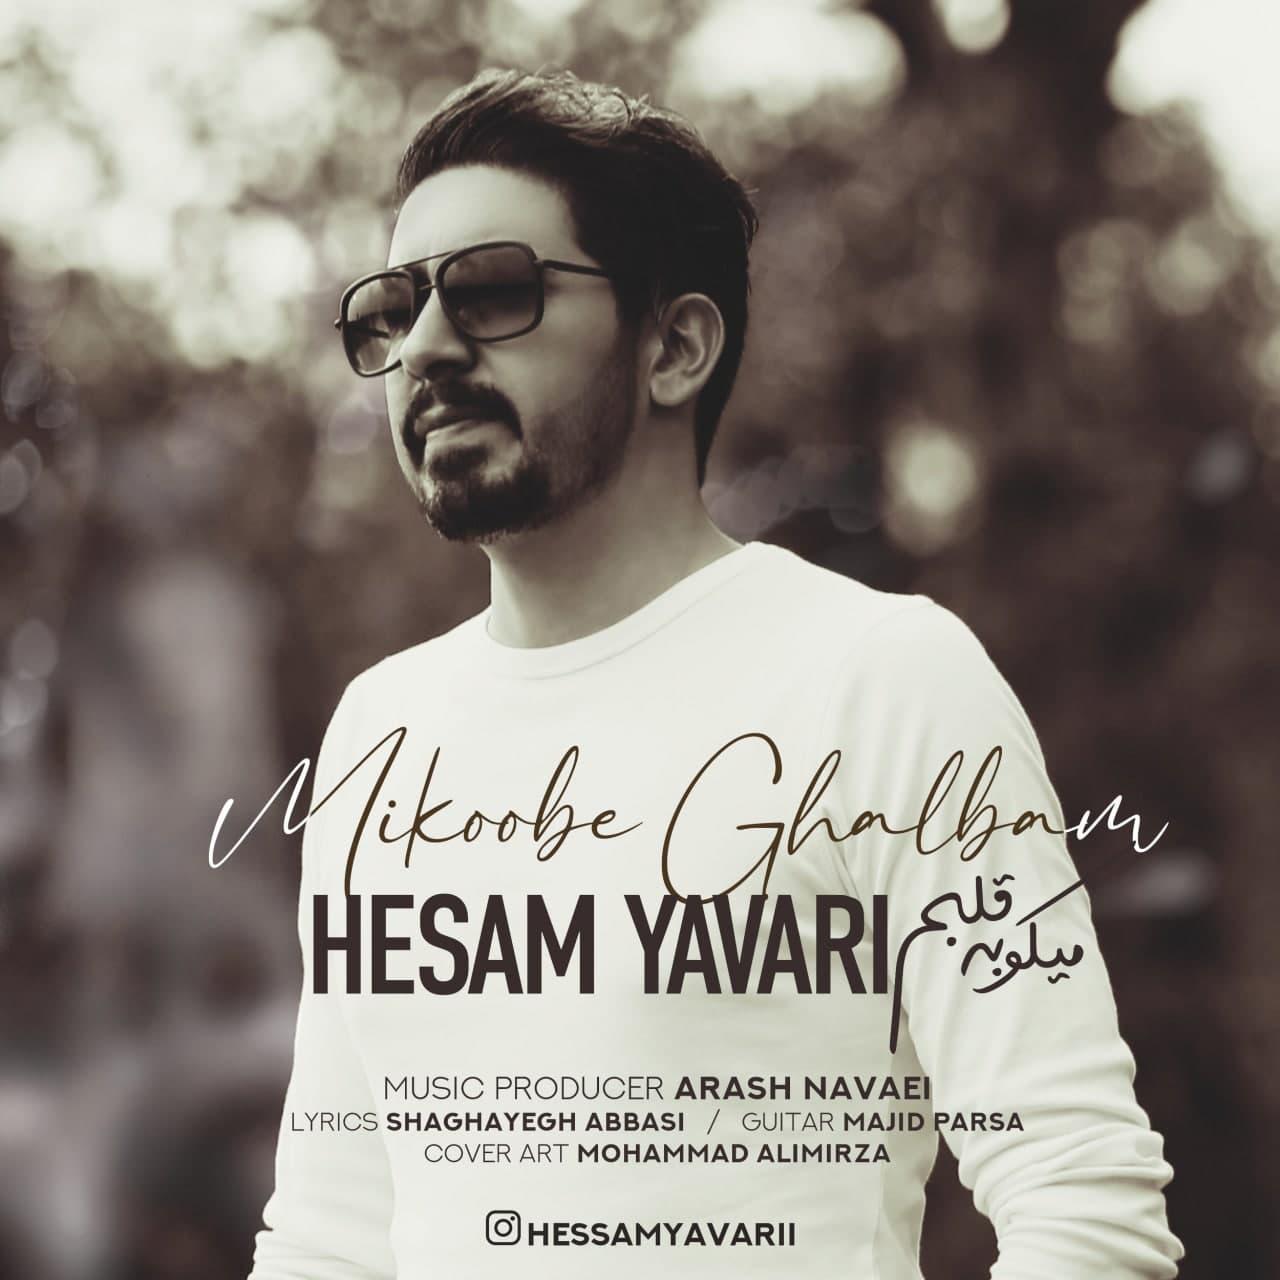 Download Ahang حسام یاوری میکوبه قلبم